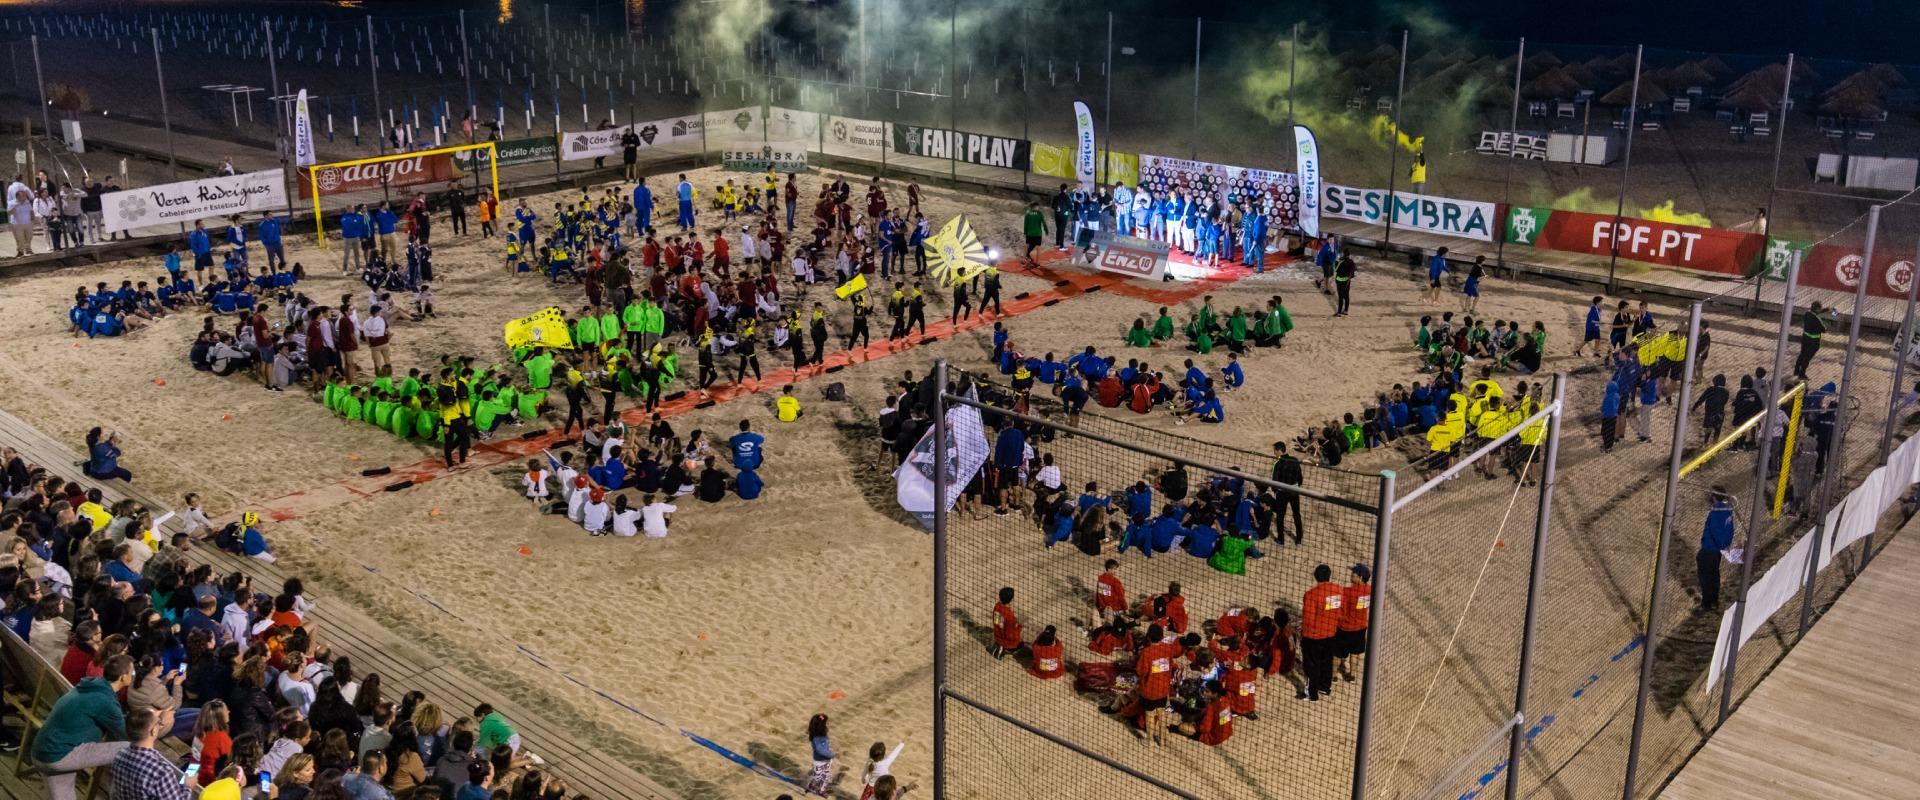 Beach Soccer - Sesimbra